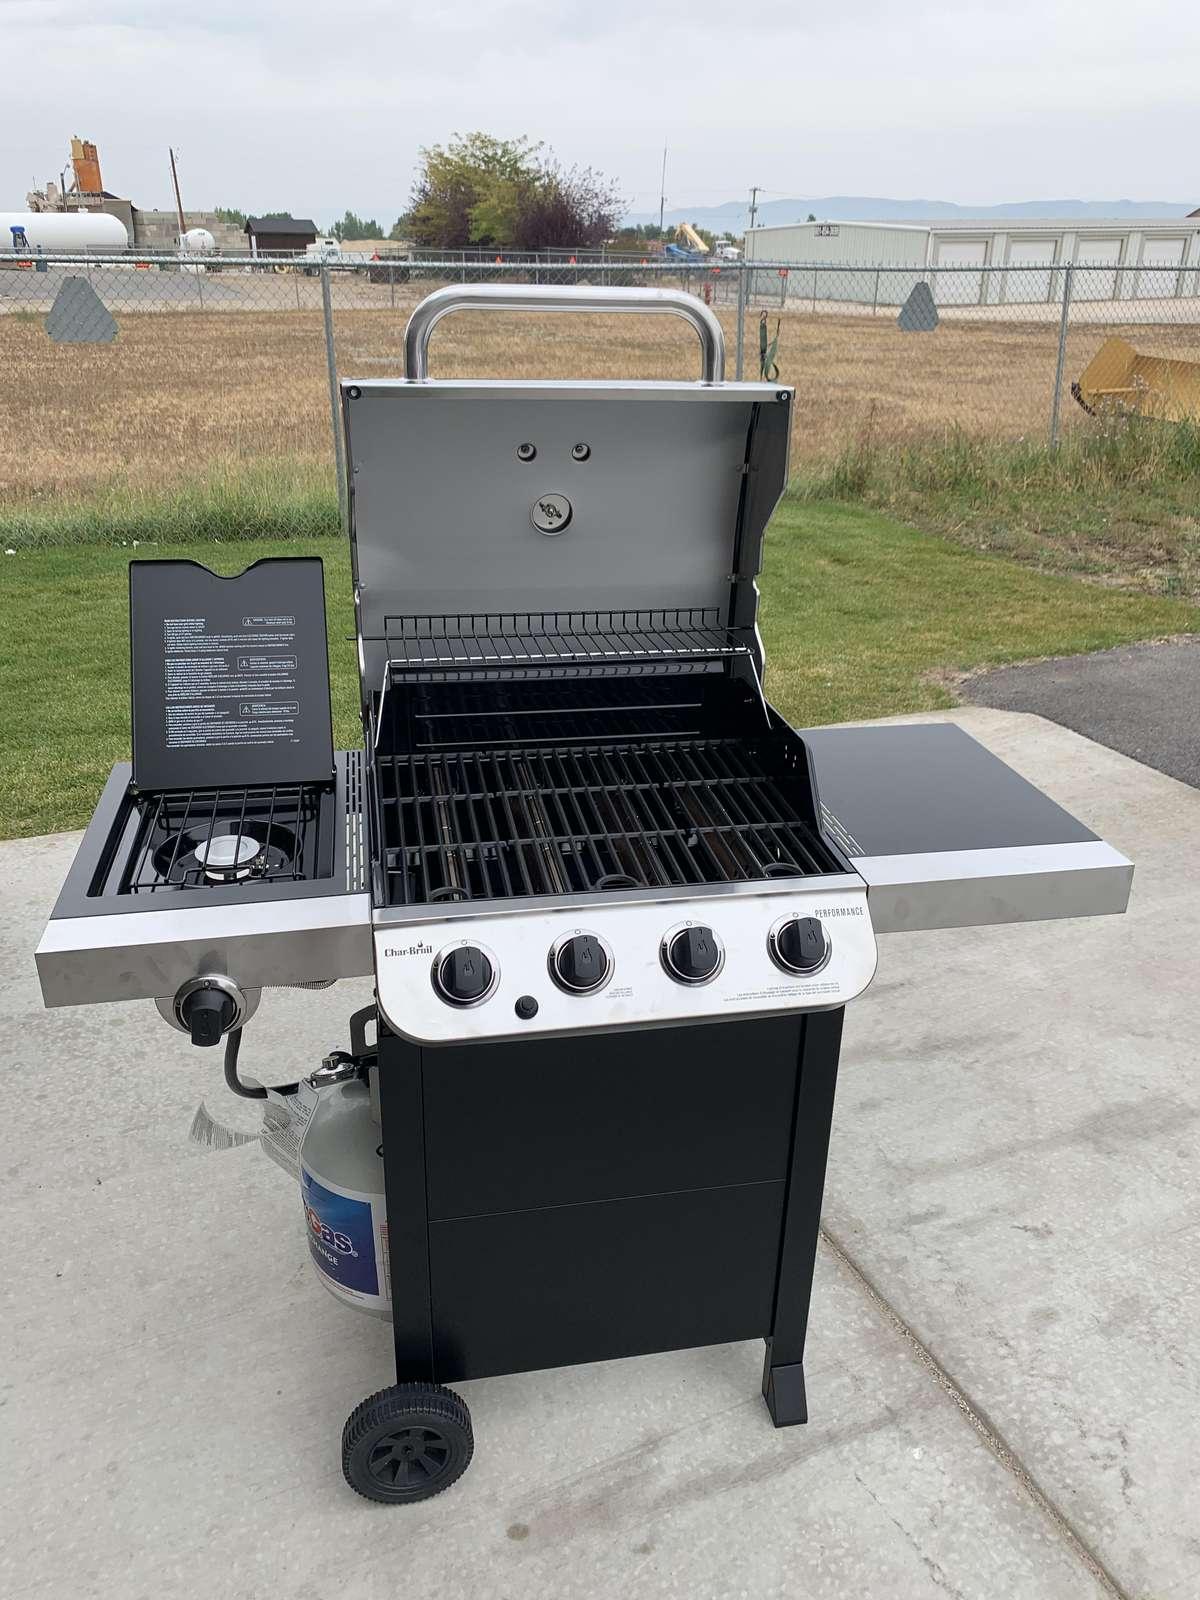 Private propane BBQ for unit 289